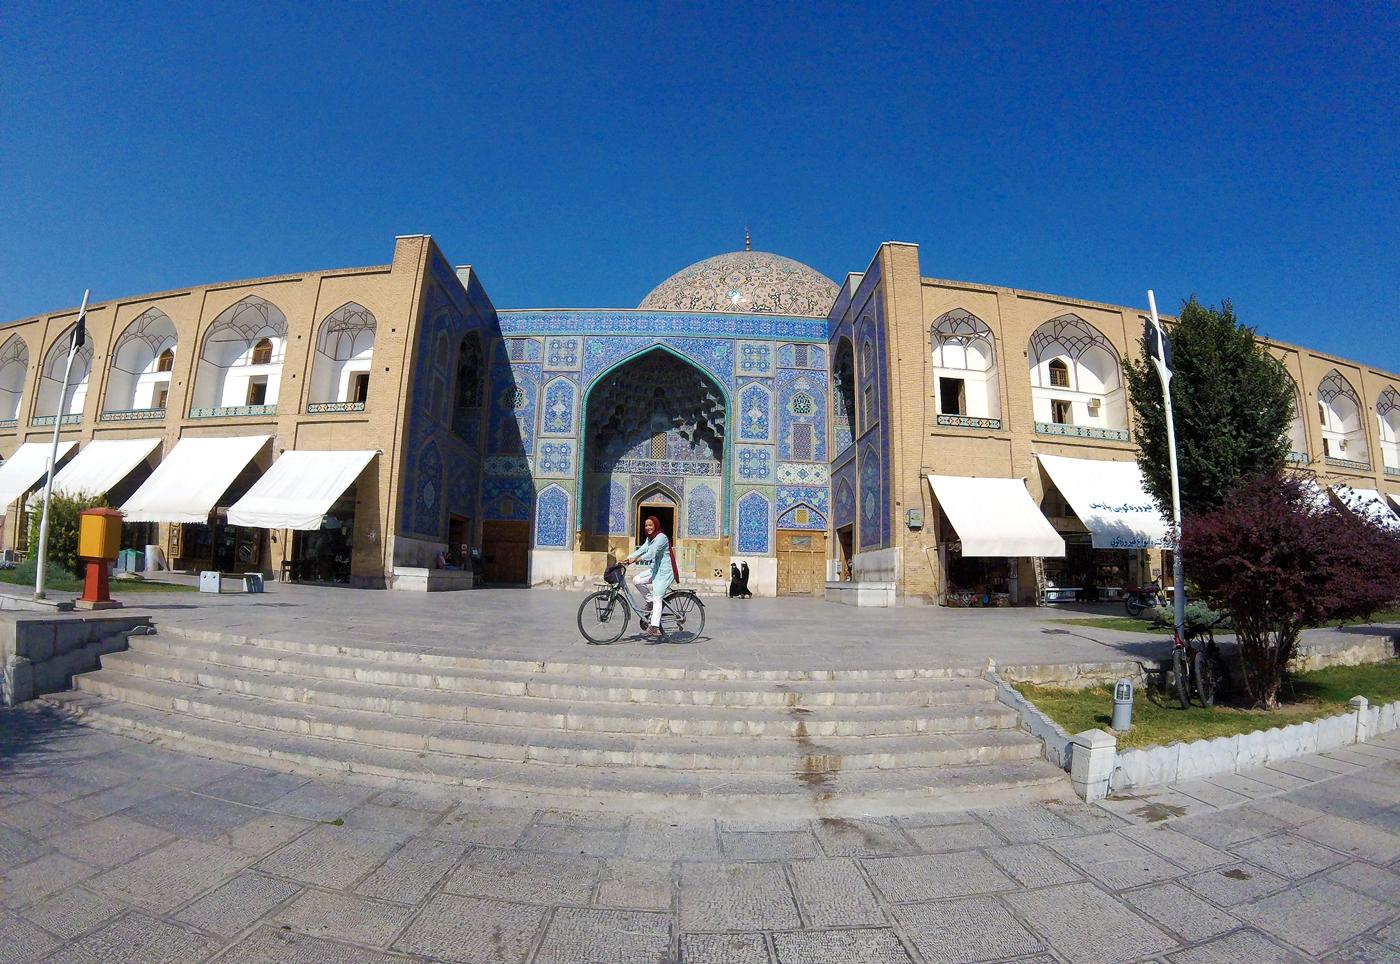 Voyage à vélo, traverser l'Iran à vélo, la mosquée du Cheikh Lotfallah sur la place Naghsh-e Jahan à Isfahan. Cycling travel, biketouring, cycling Iran, Sheikh Lotfallah Mosque in Naghsh-e Jahan Square in Isfahan.